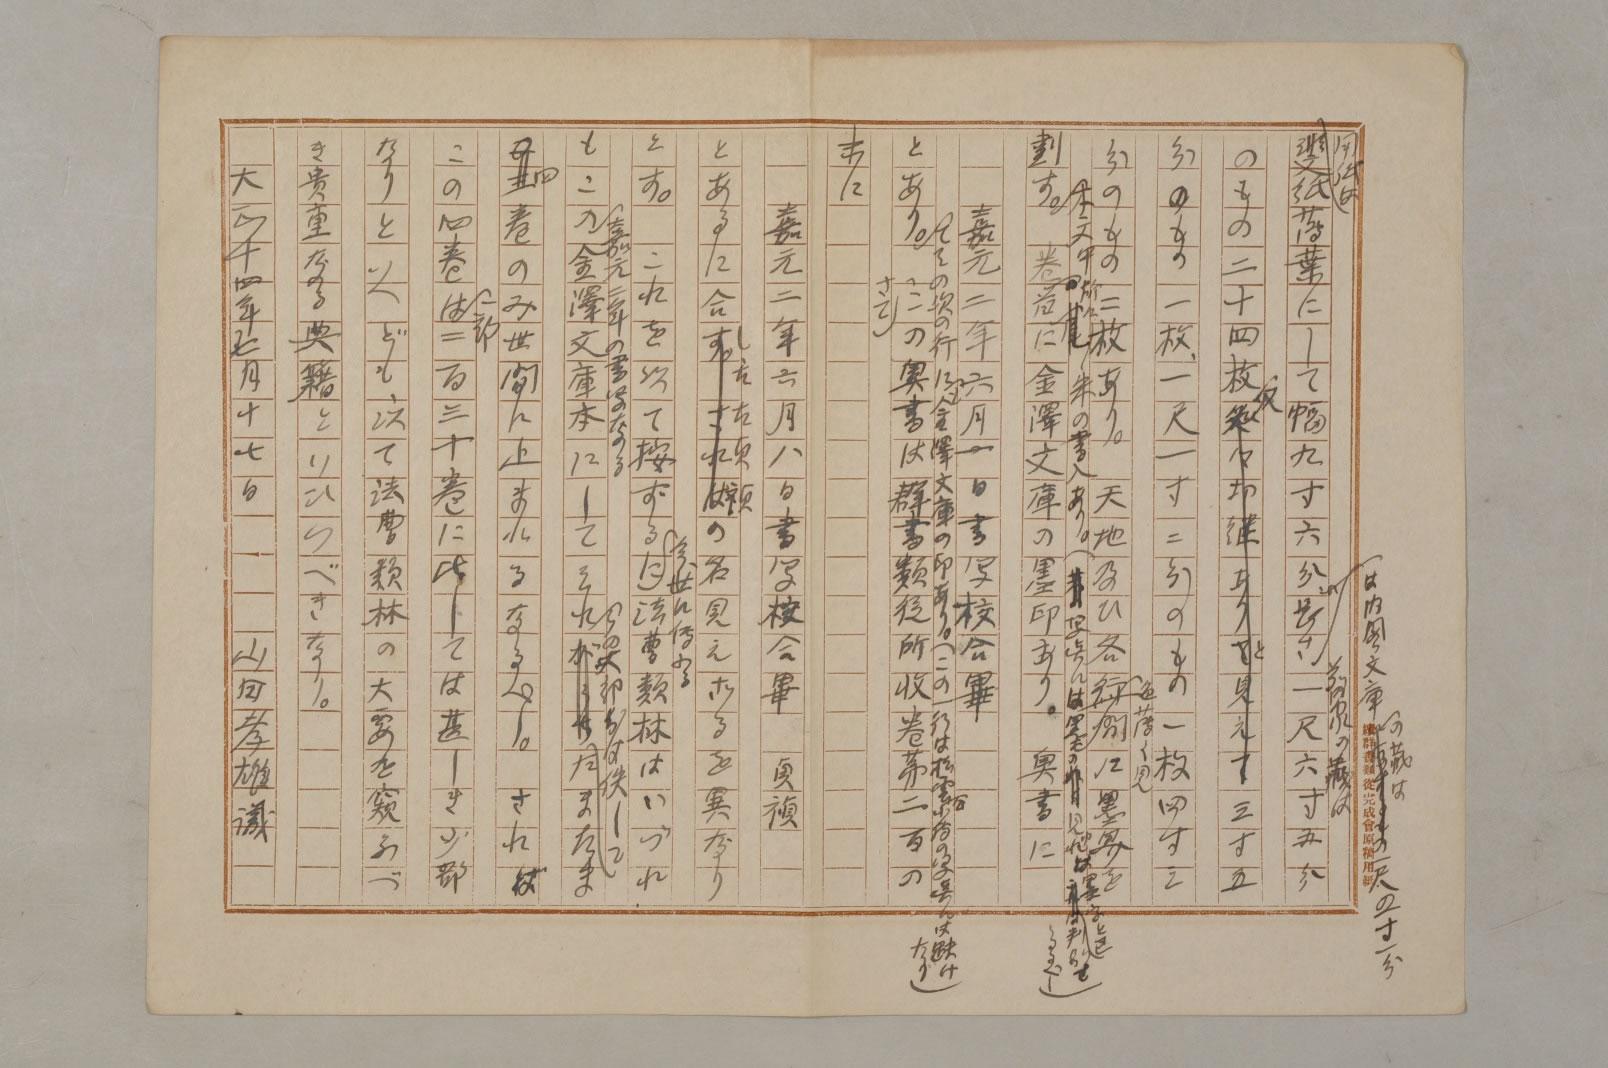 富山市立図書館 | 自筆資料詳細